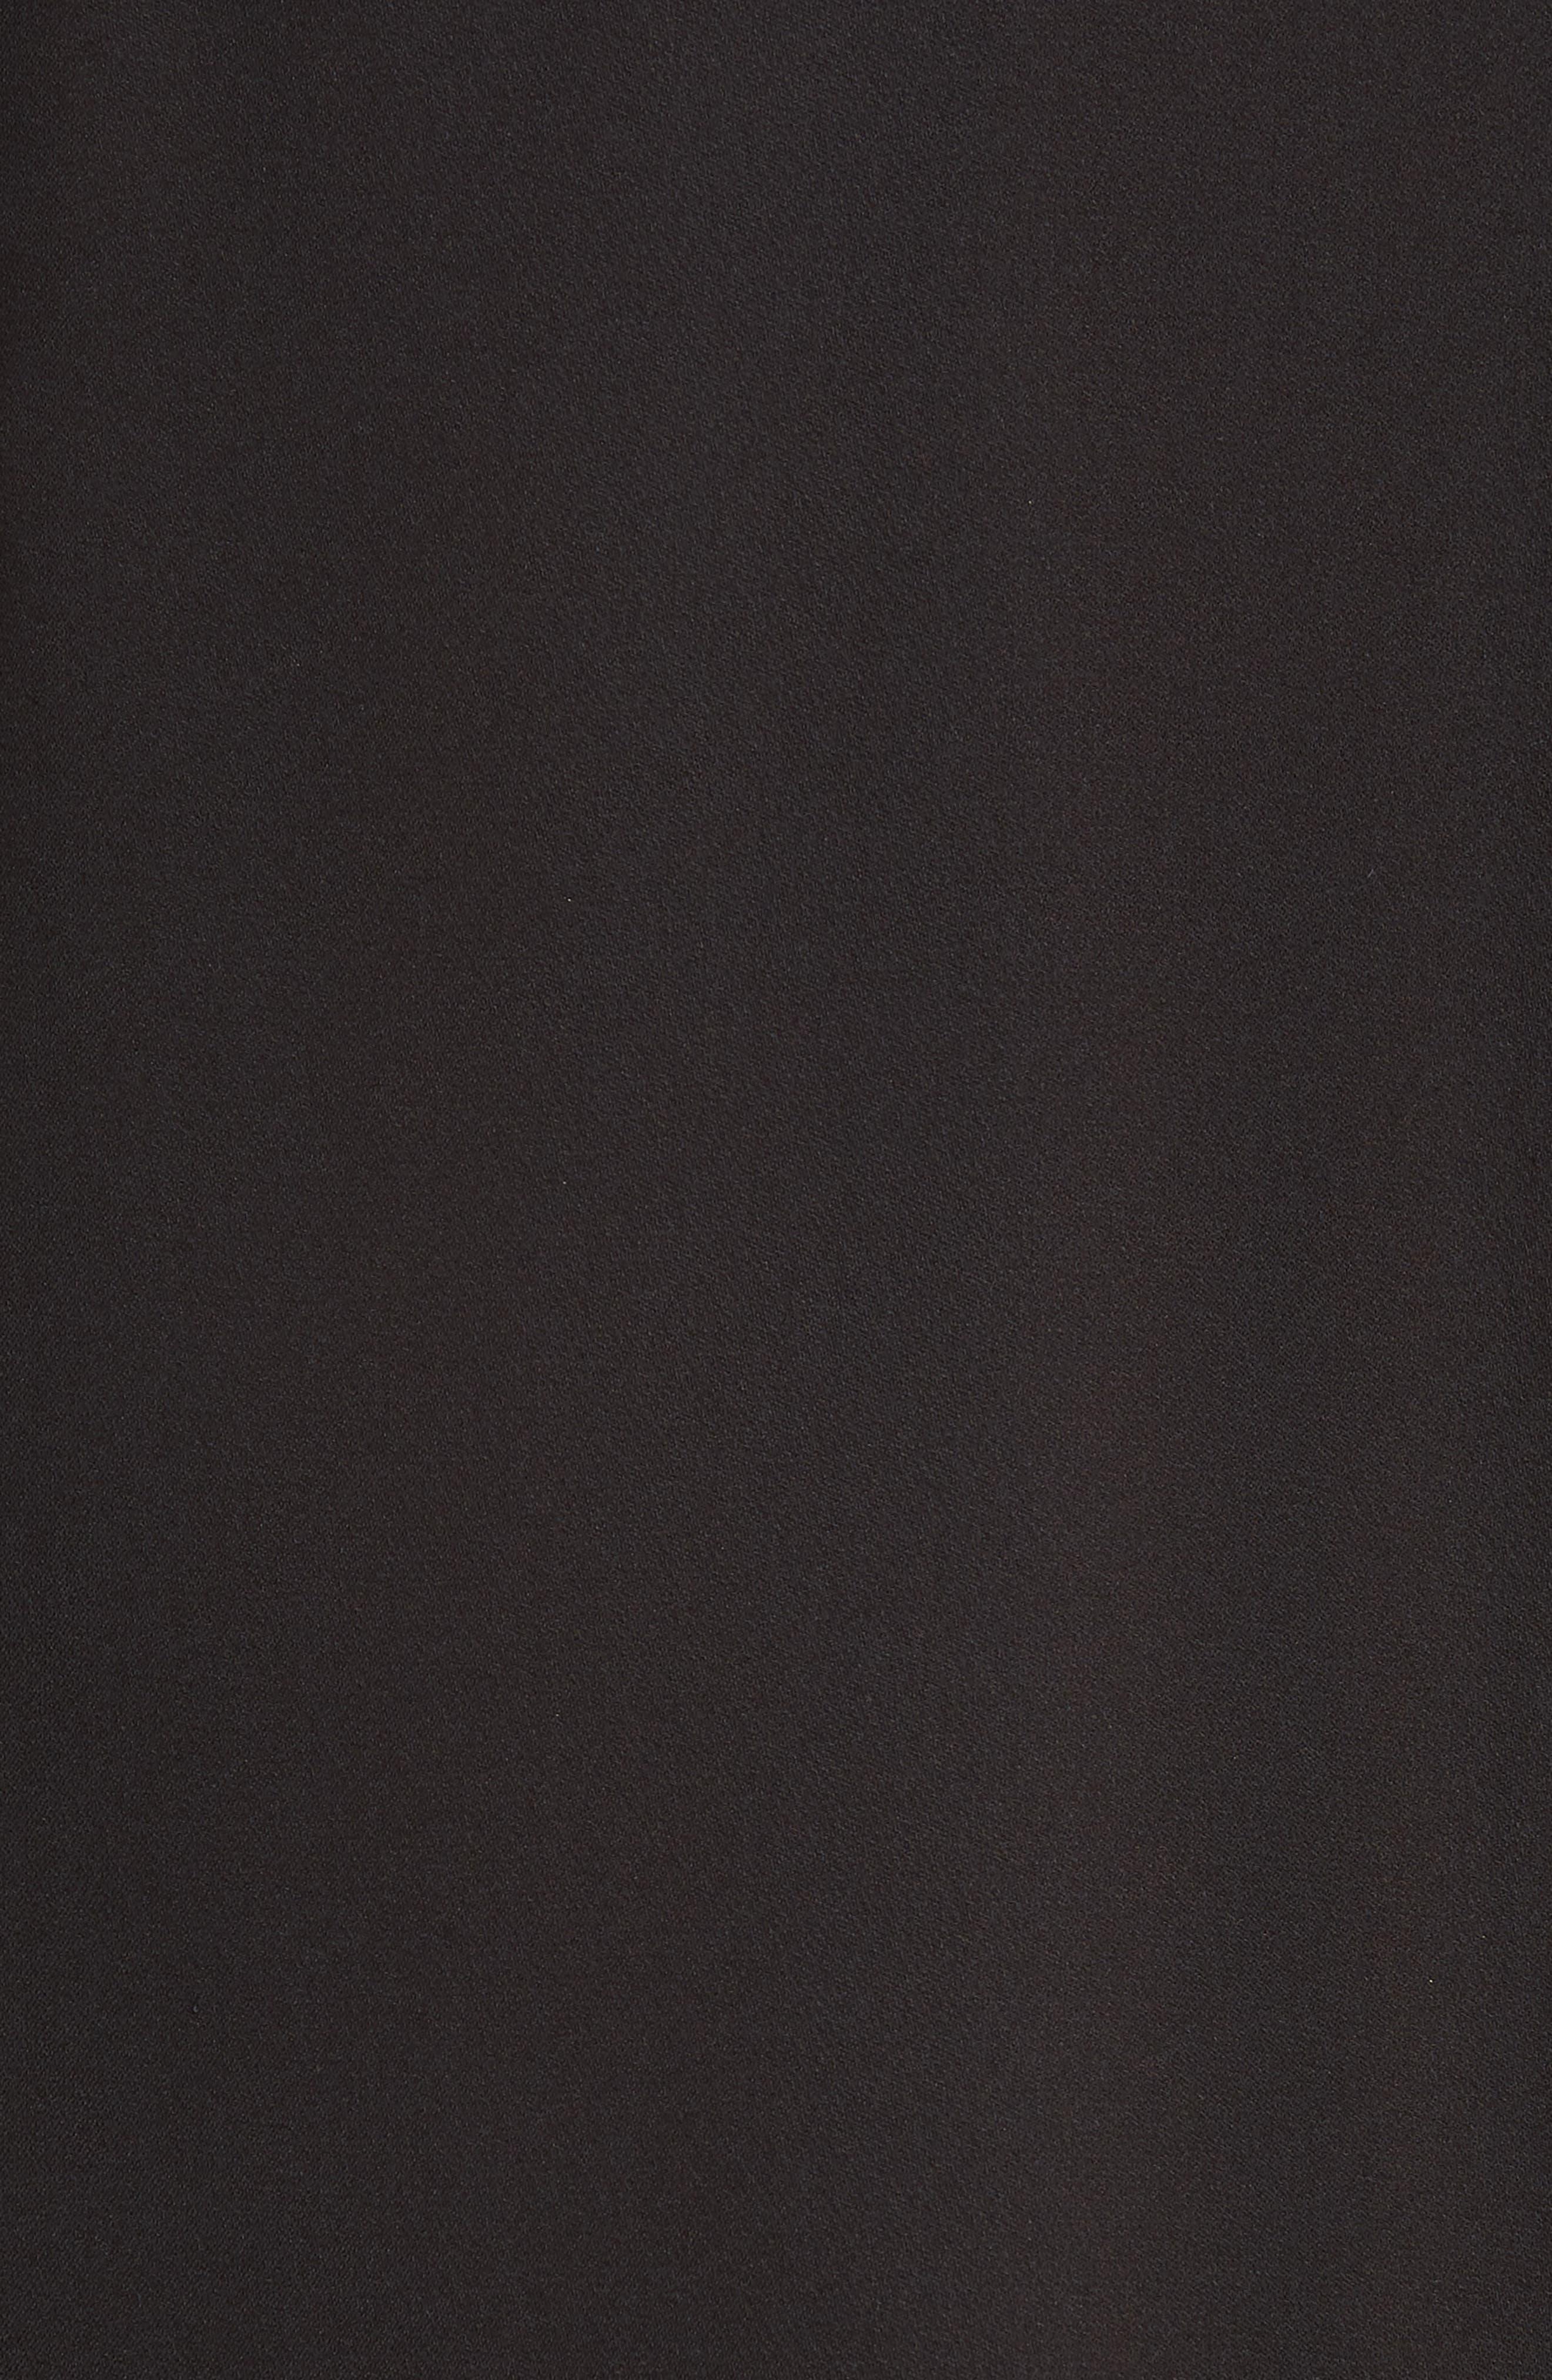 Mila Draped Silk Surplice Blouse,                             Alternate thumbnail 5, color,                             BLACK